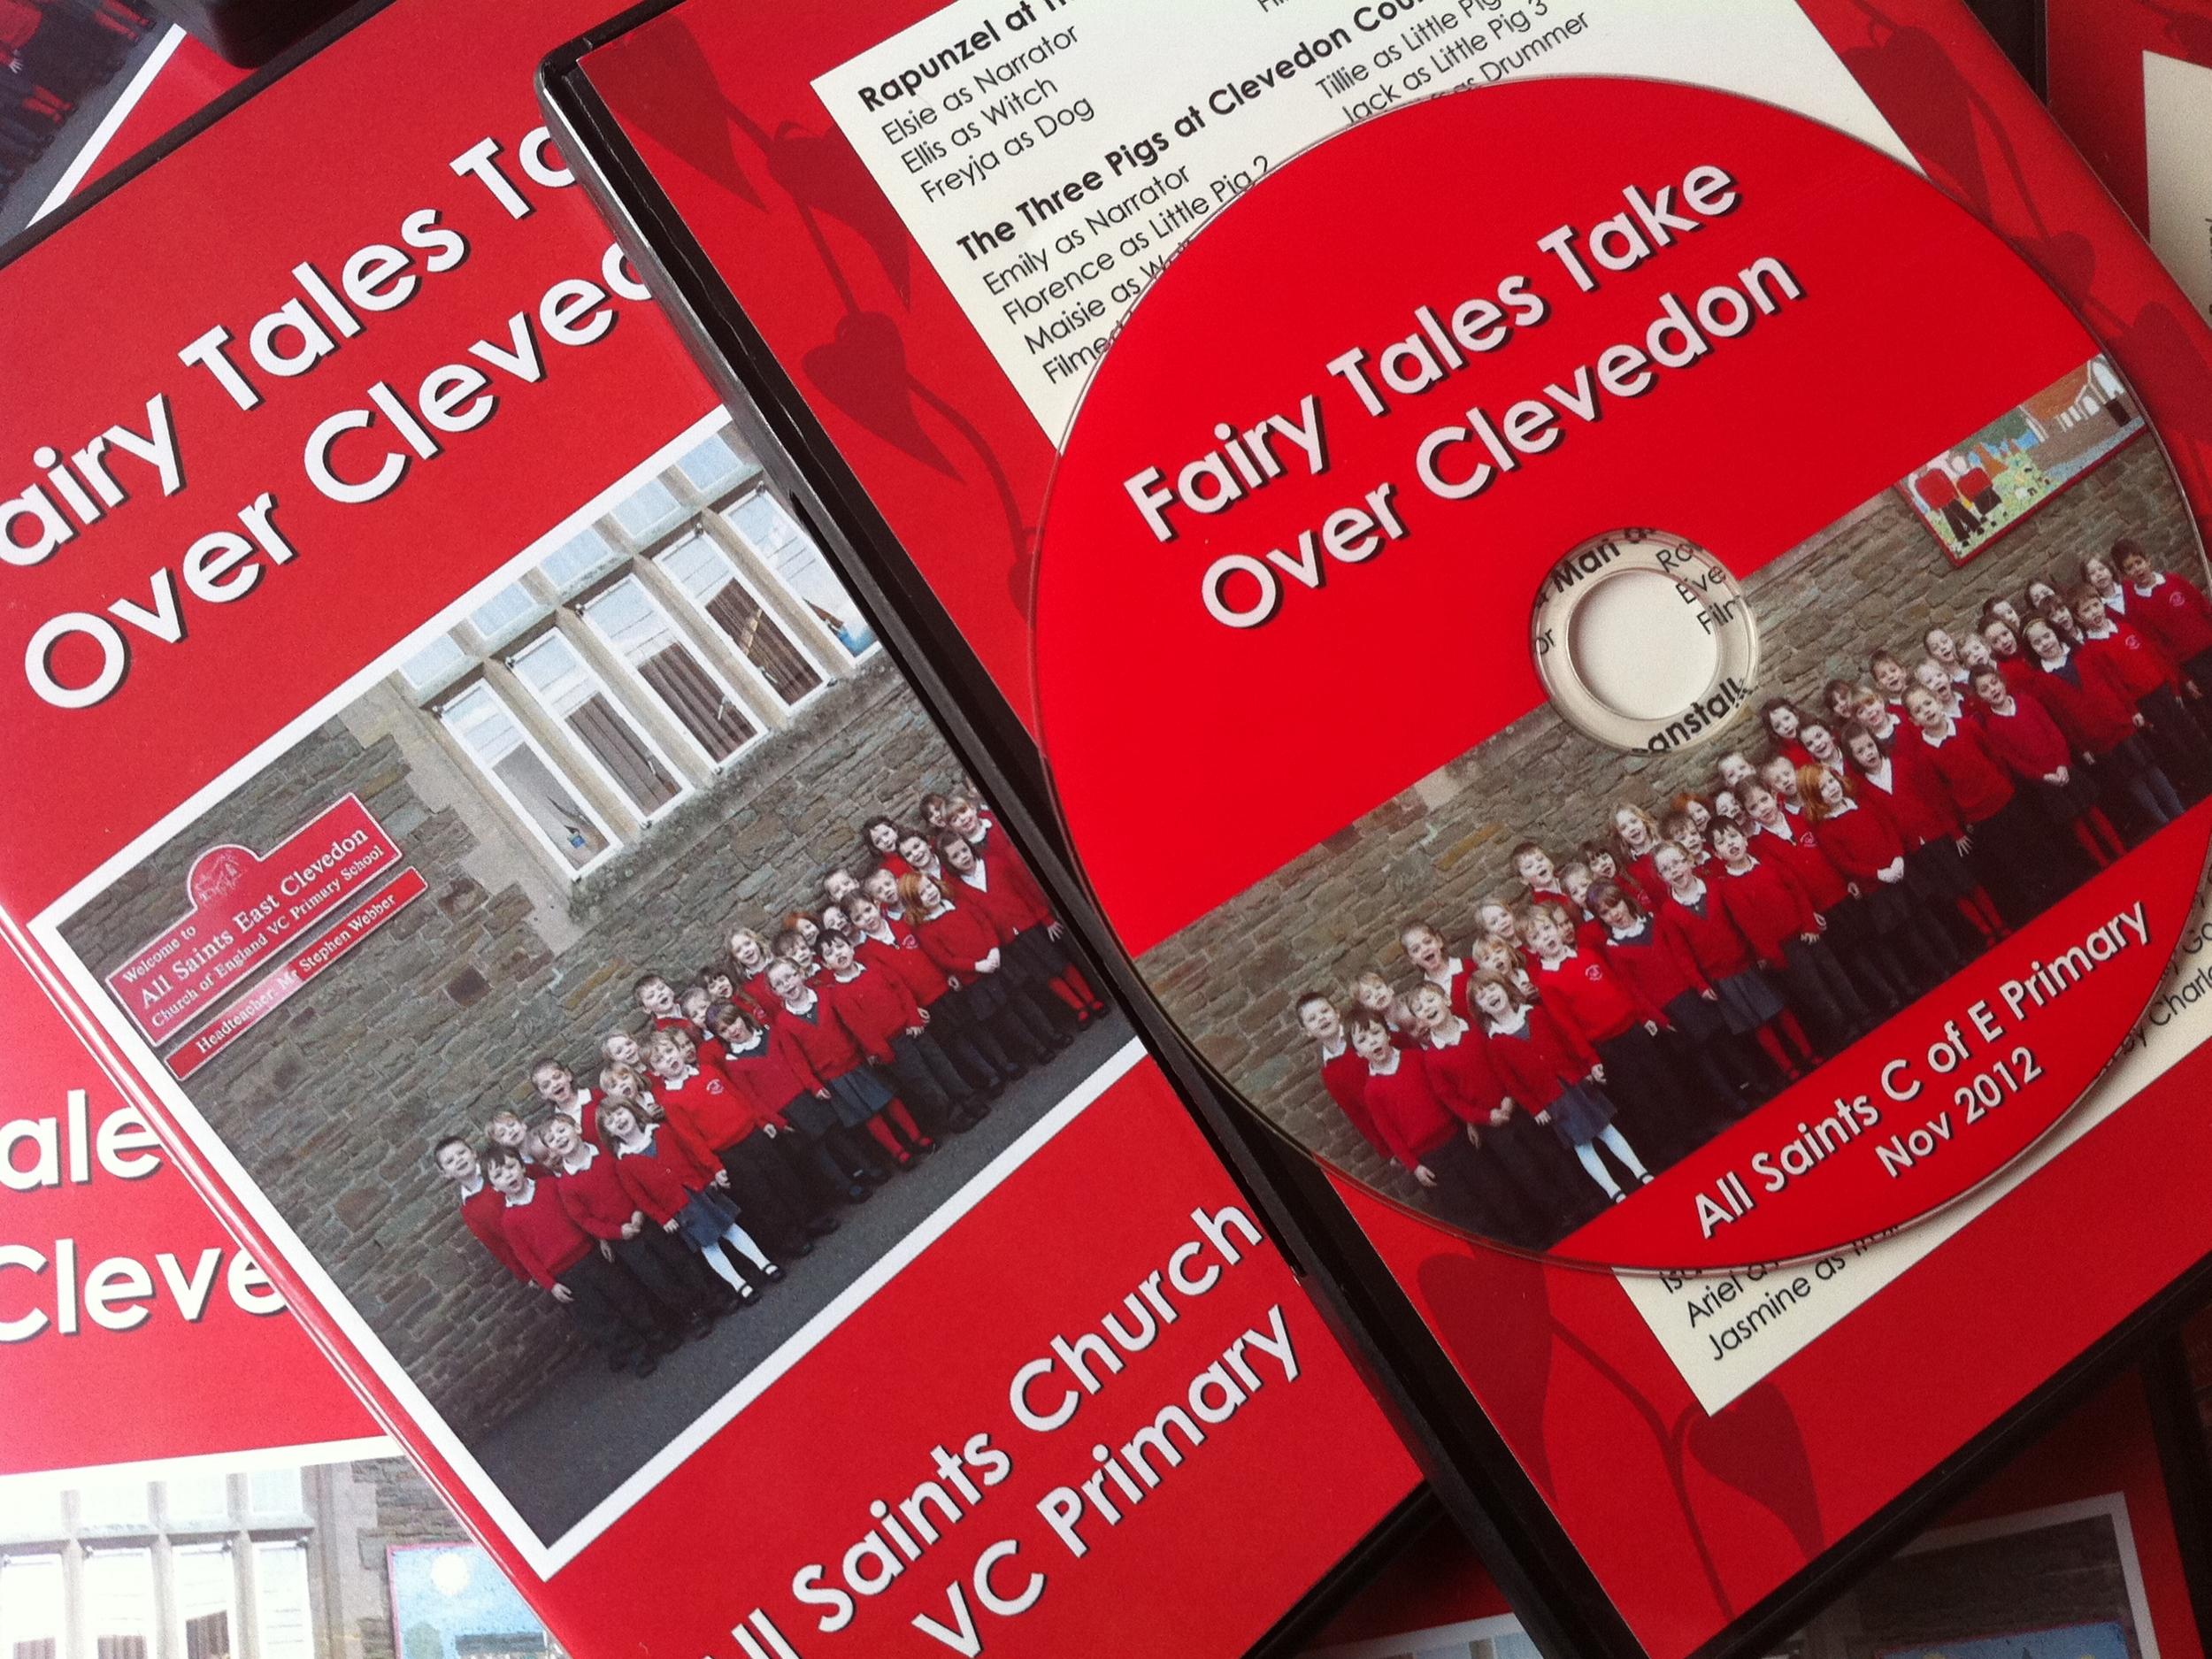 School DVD's